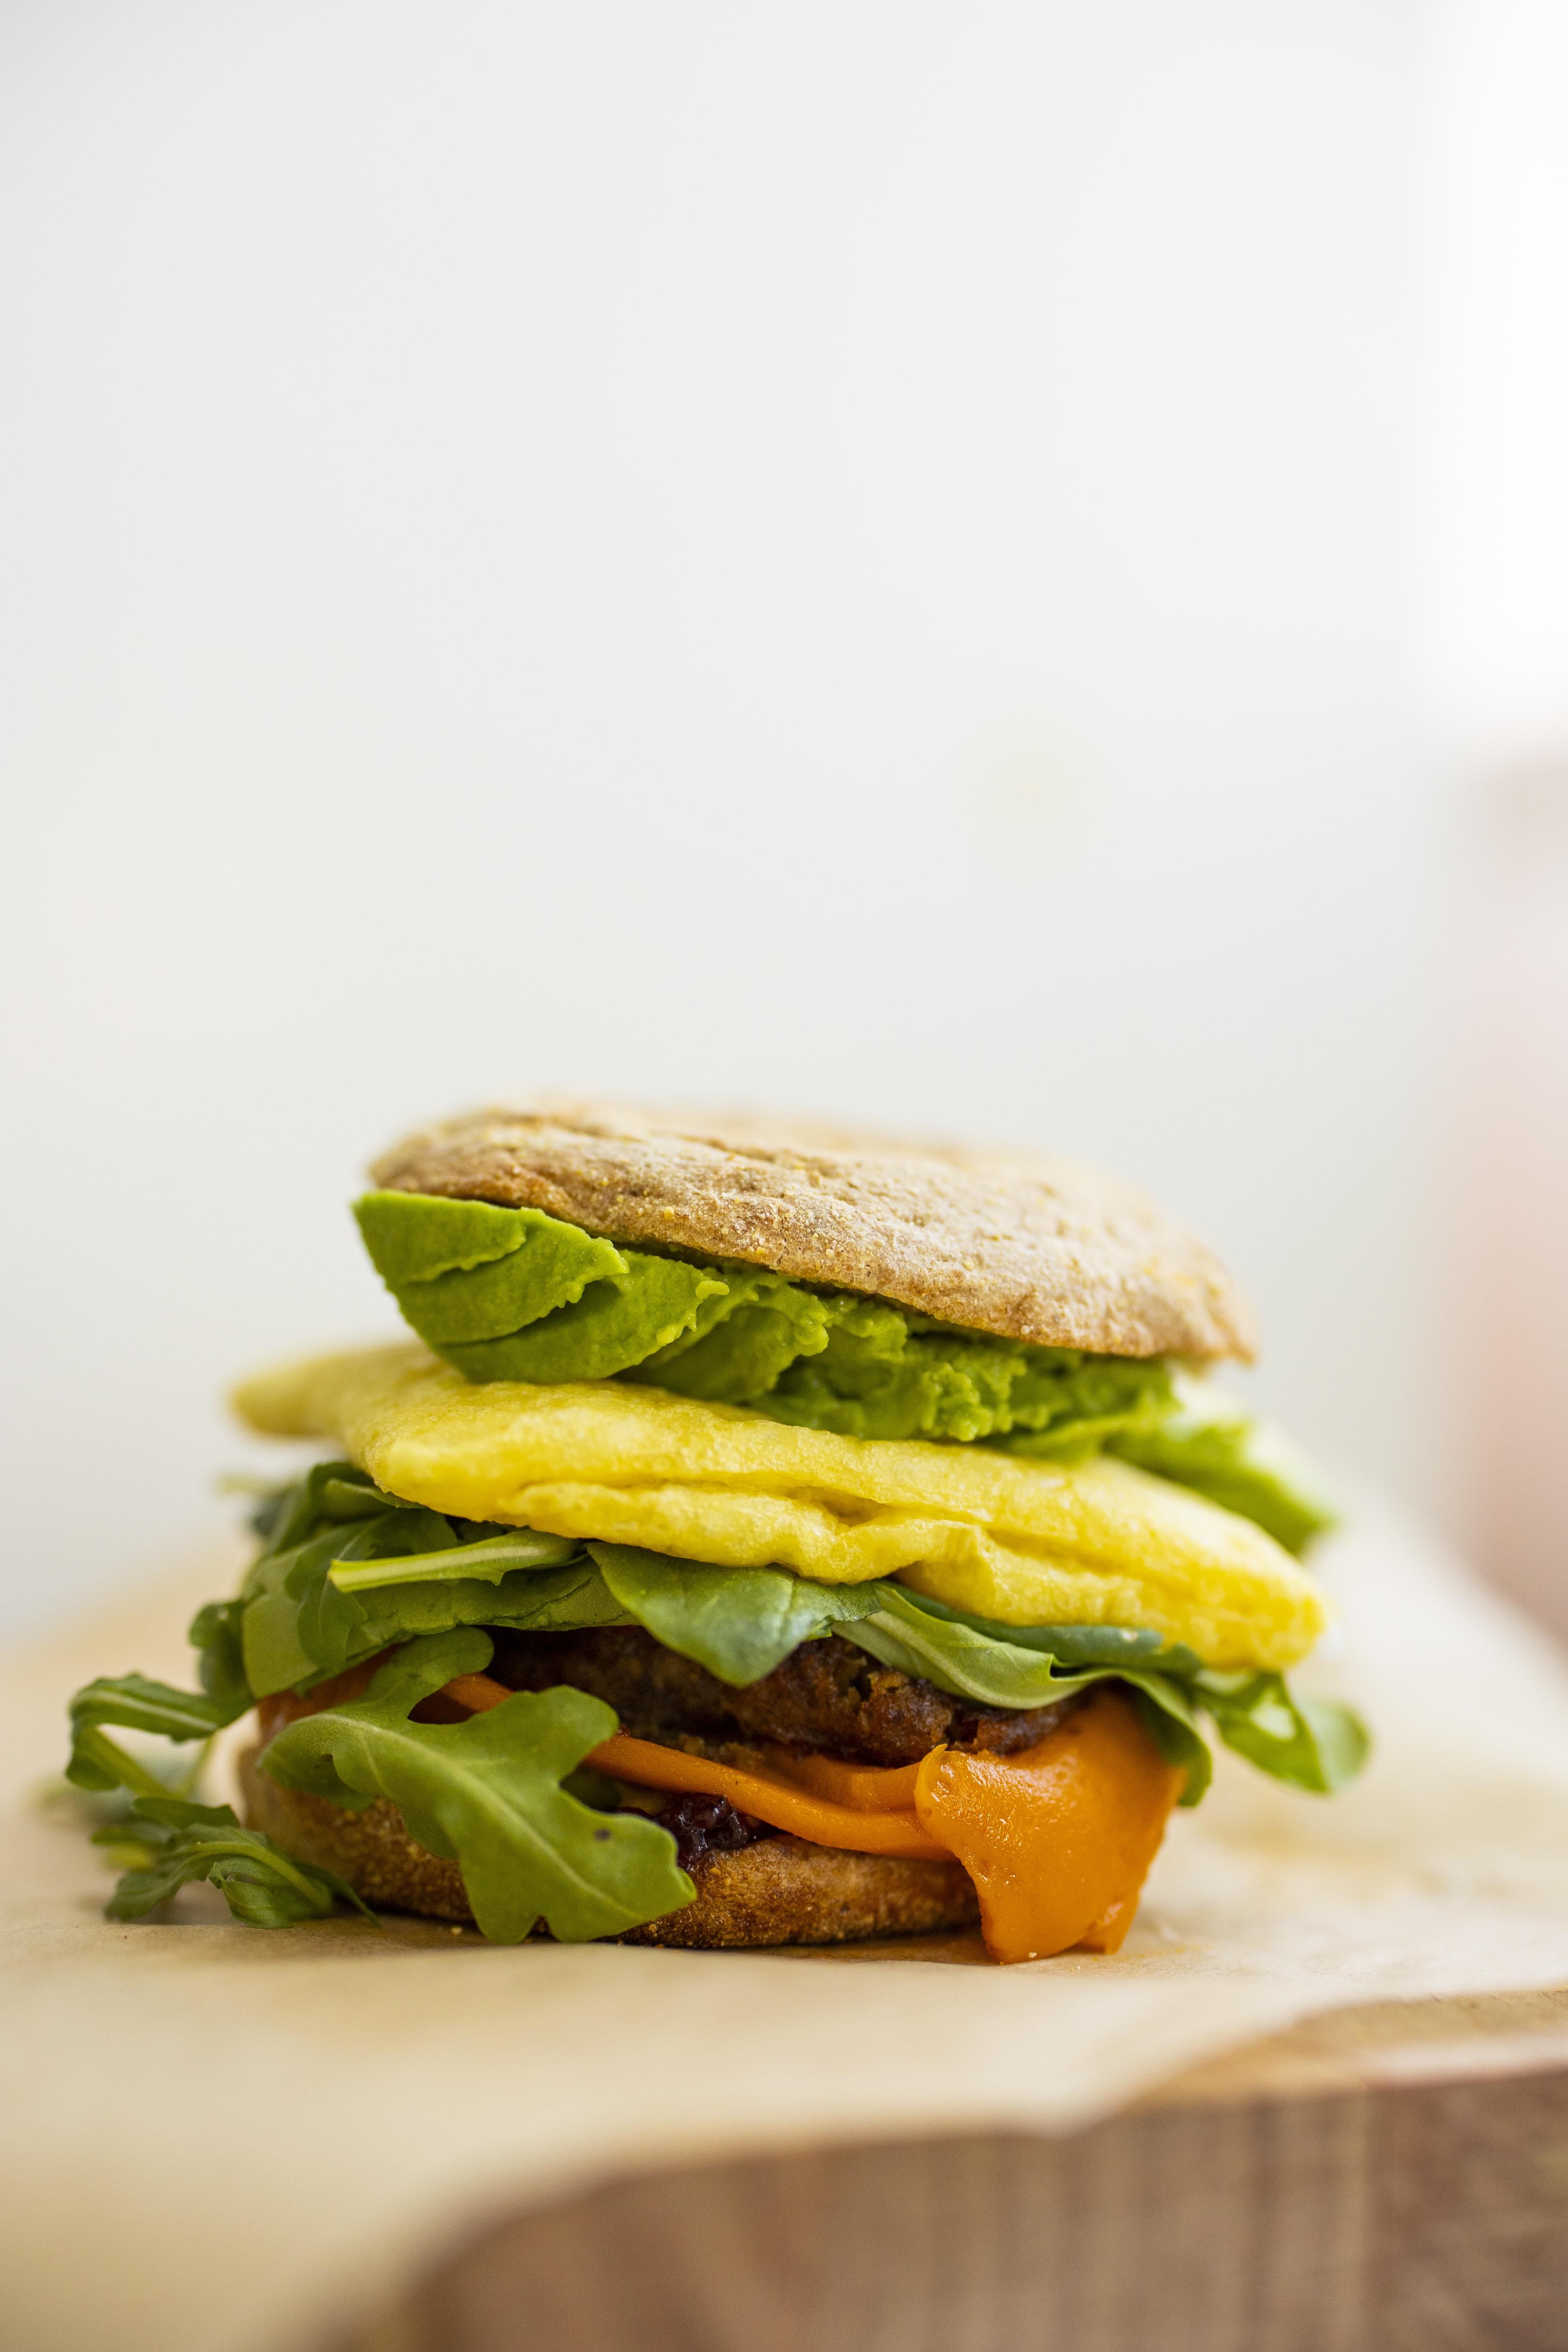 Kathy's Vegan Breakfast Sandwich